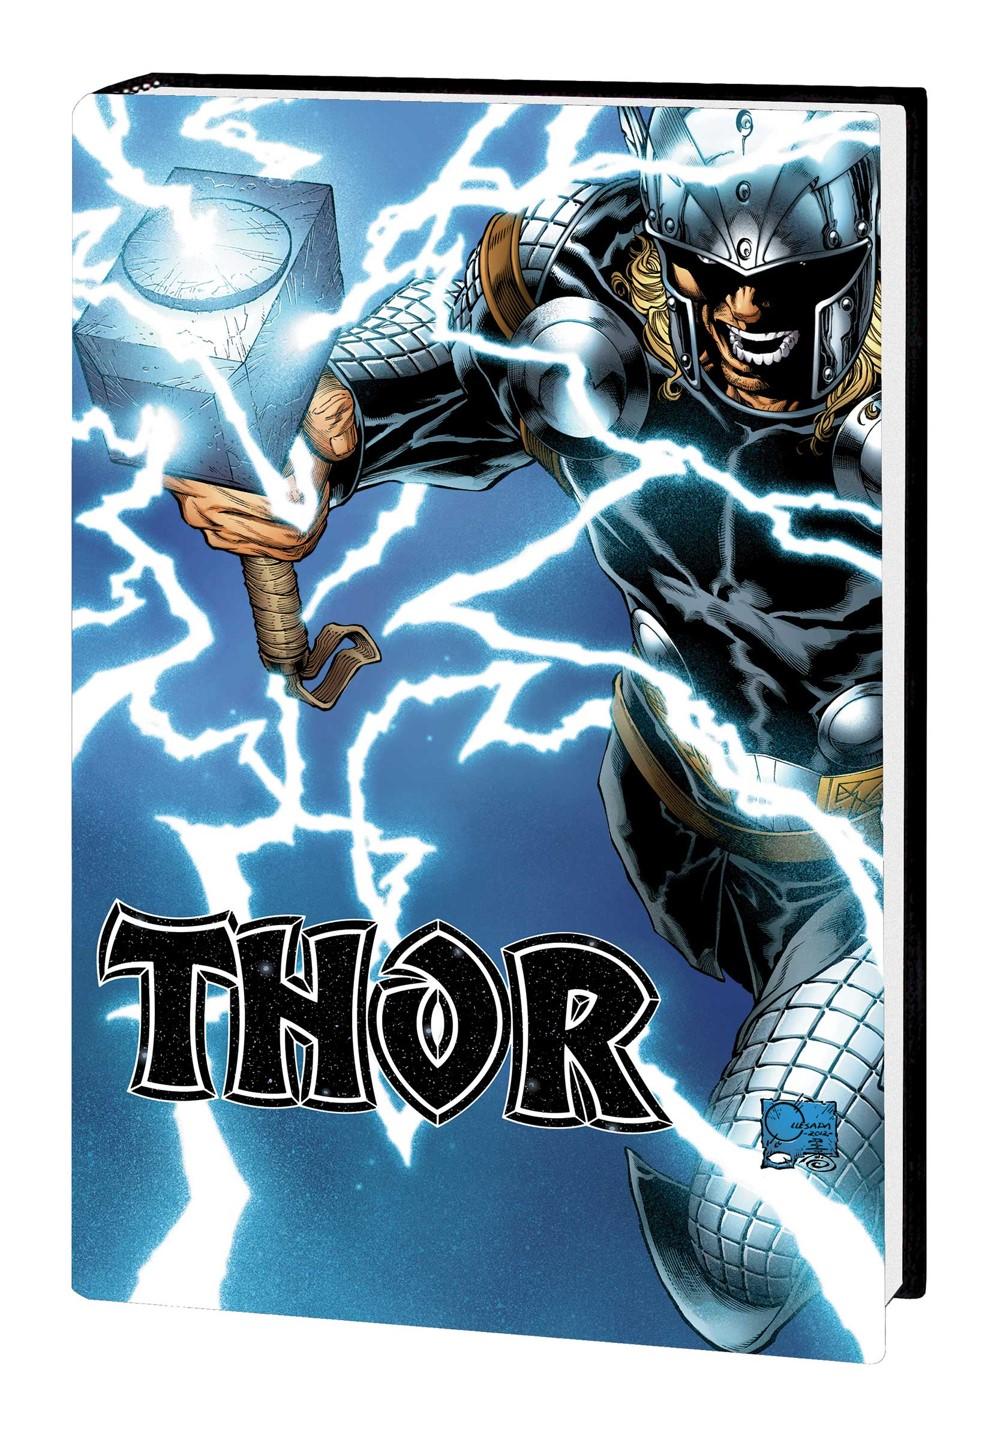 THOR_JA_OMNIBUS_VOL_1_HC_QUESADA Marvel Comics November 2021 Solicitations